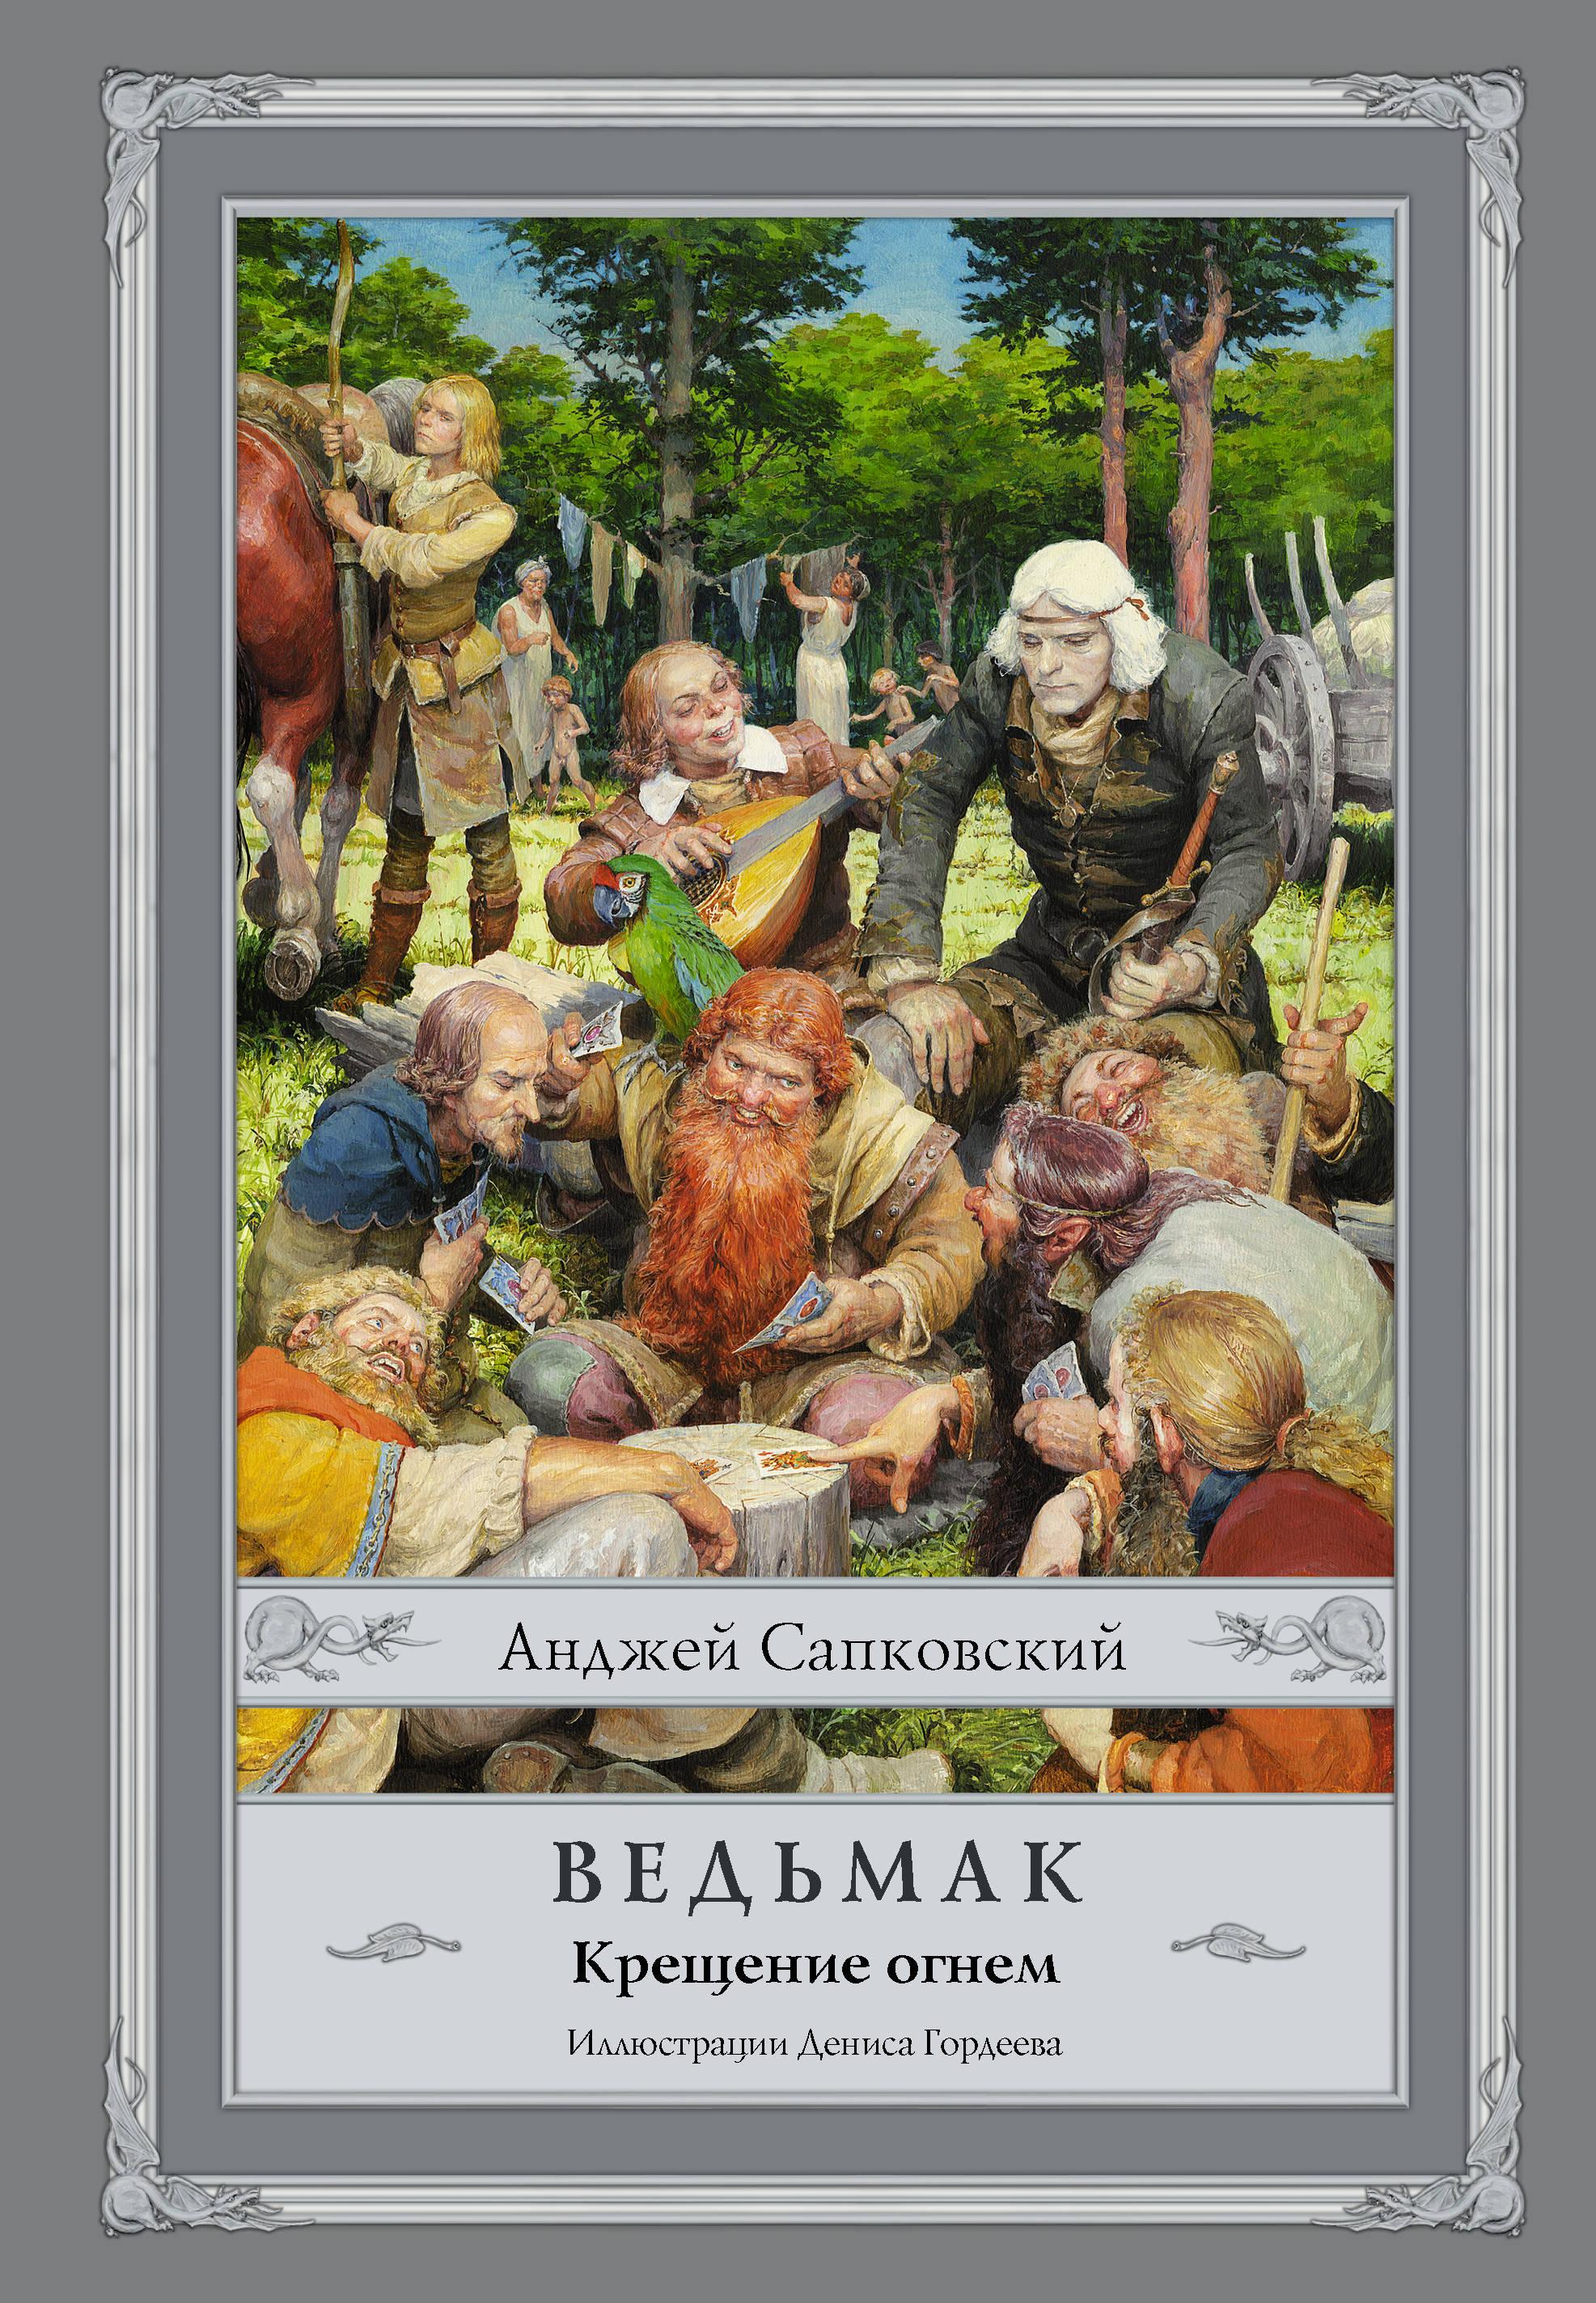 Сапковский А. Ведьмак: Крещение огнем рунов в испытание чеченской войной